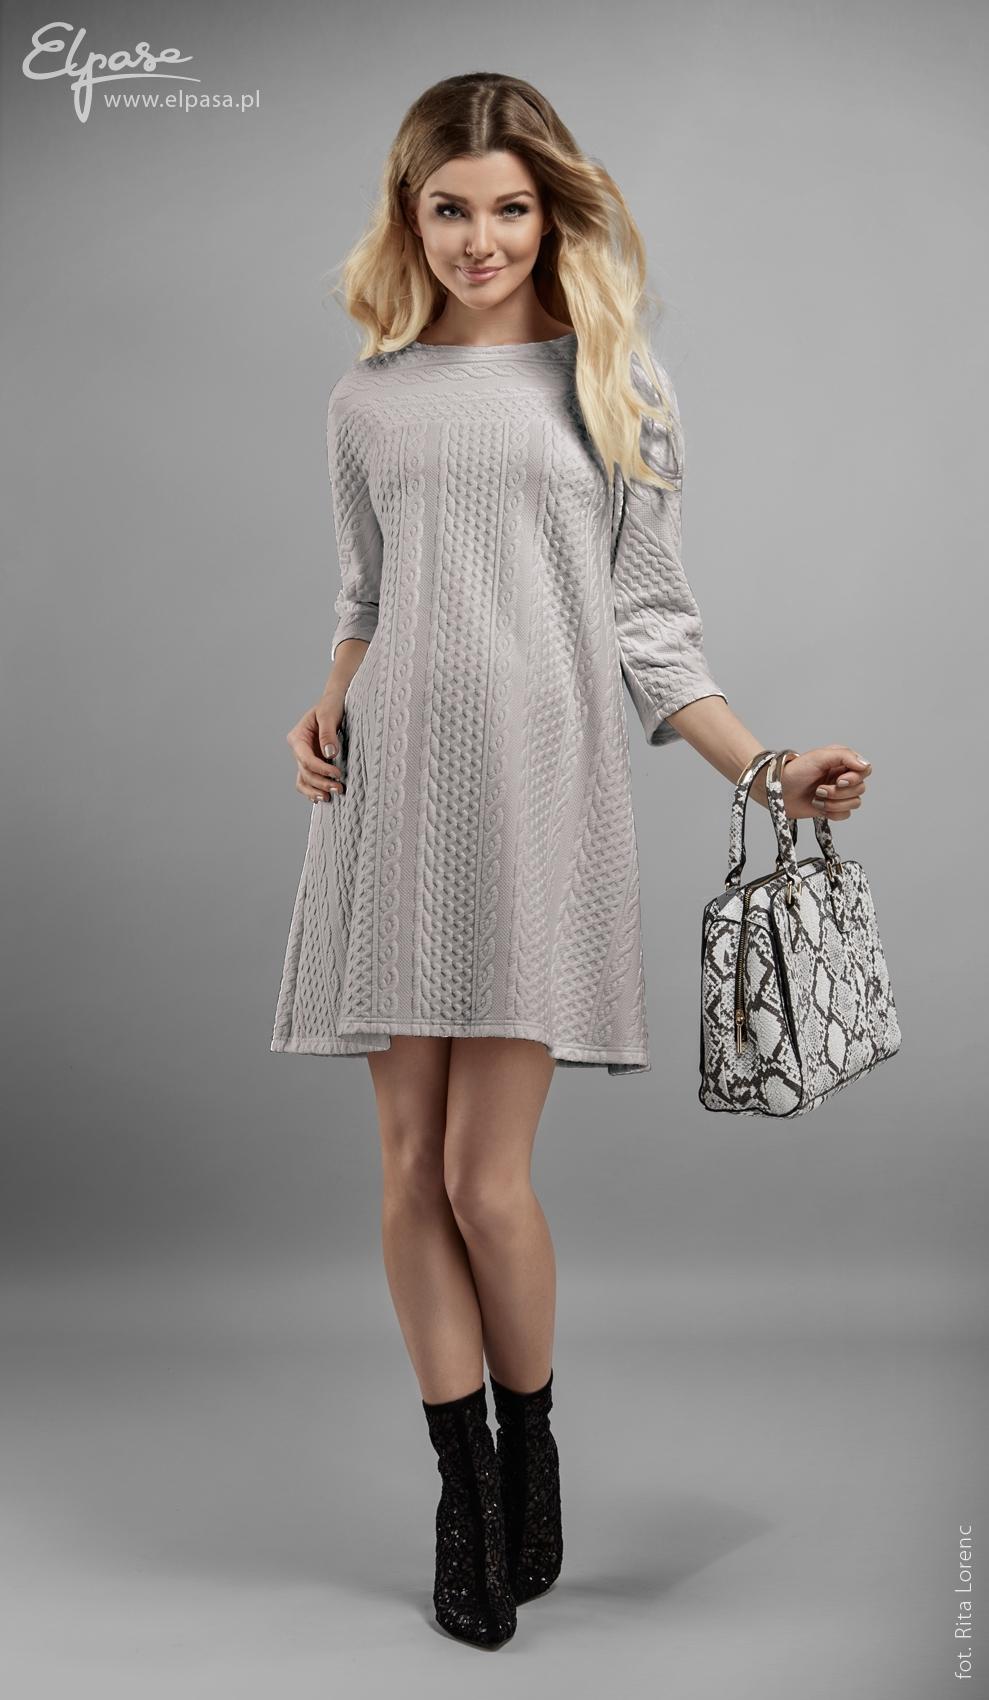 0a87d7b8dfe Tehotenské šaty Azalia - ELPASA